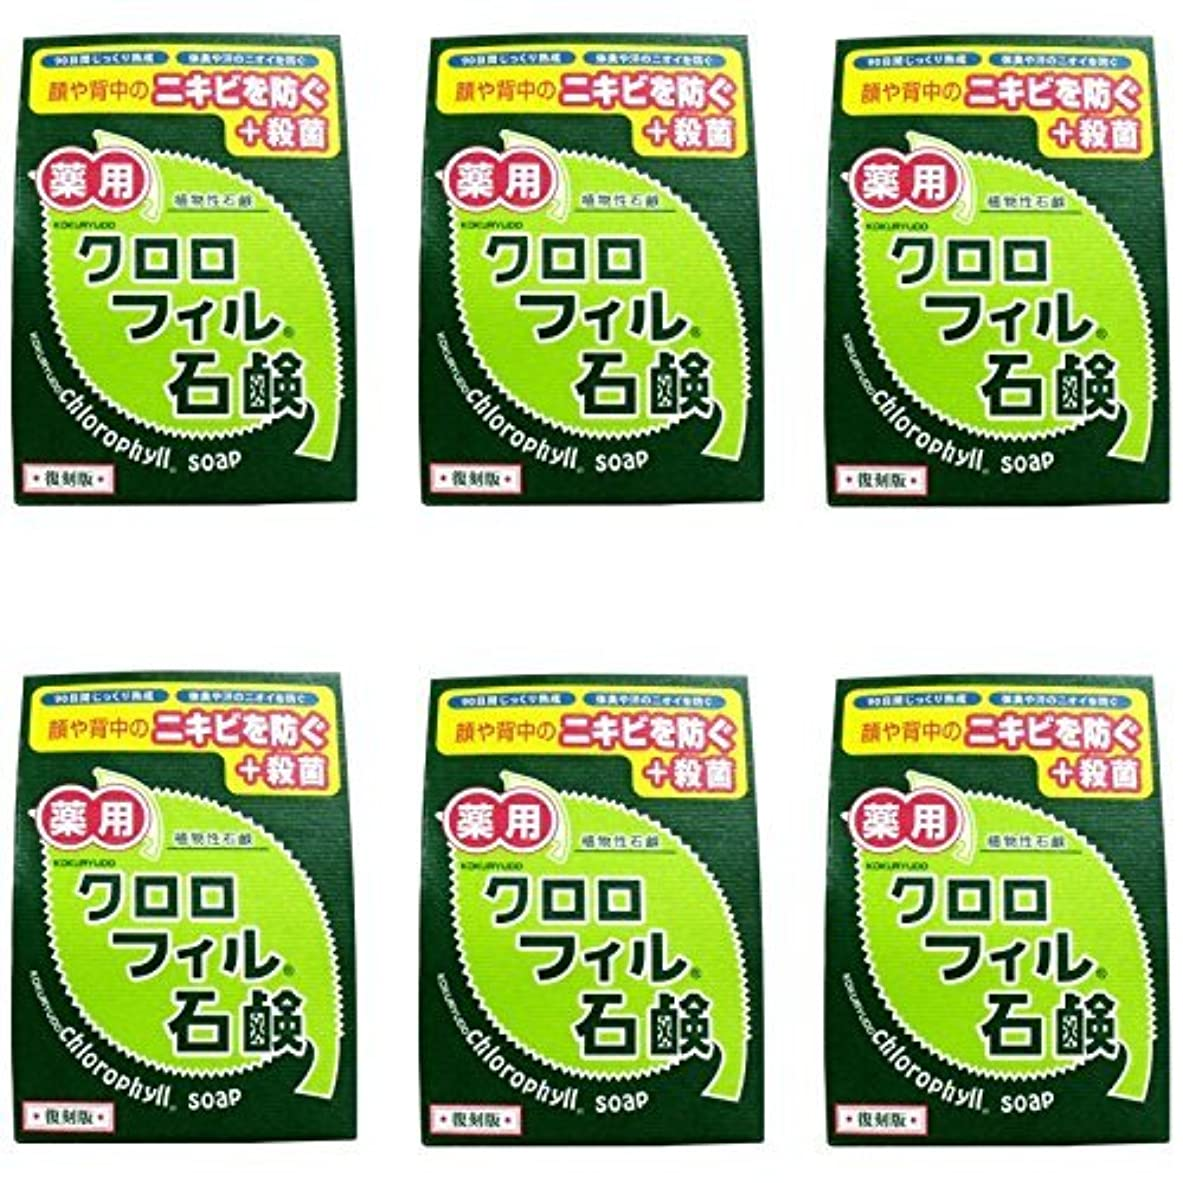 完全に乾くしなやか菊【まとめ買い】クロロフィル石鹸 復刻版 85g (医薬部外品)【×6個】